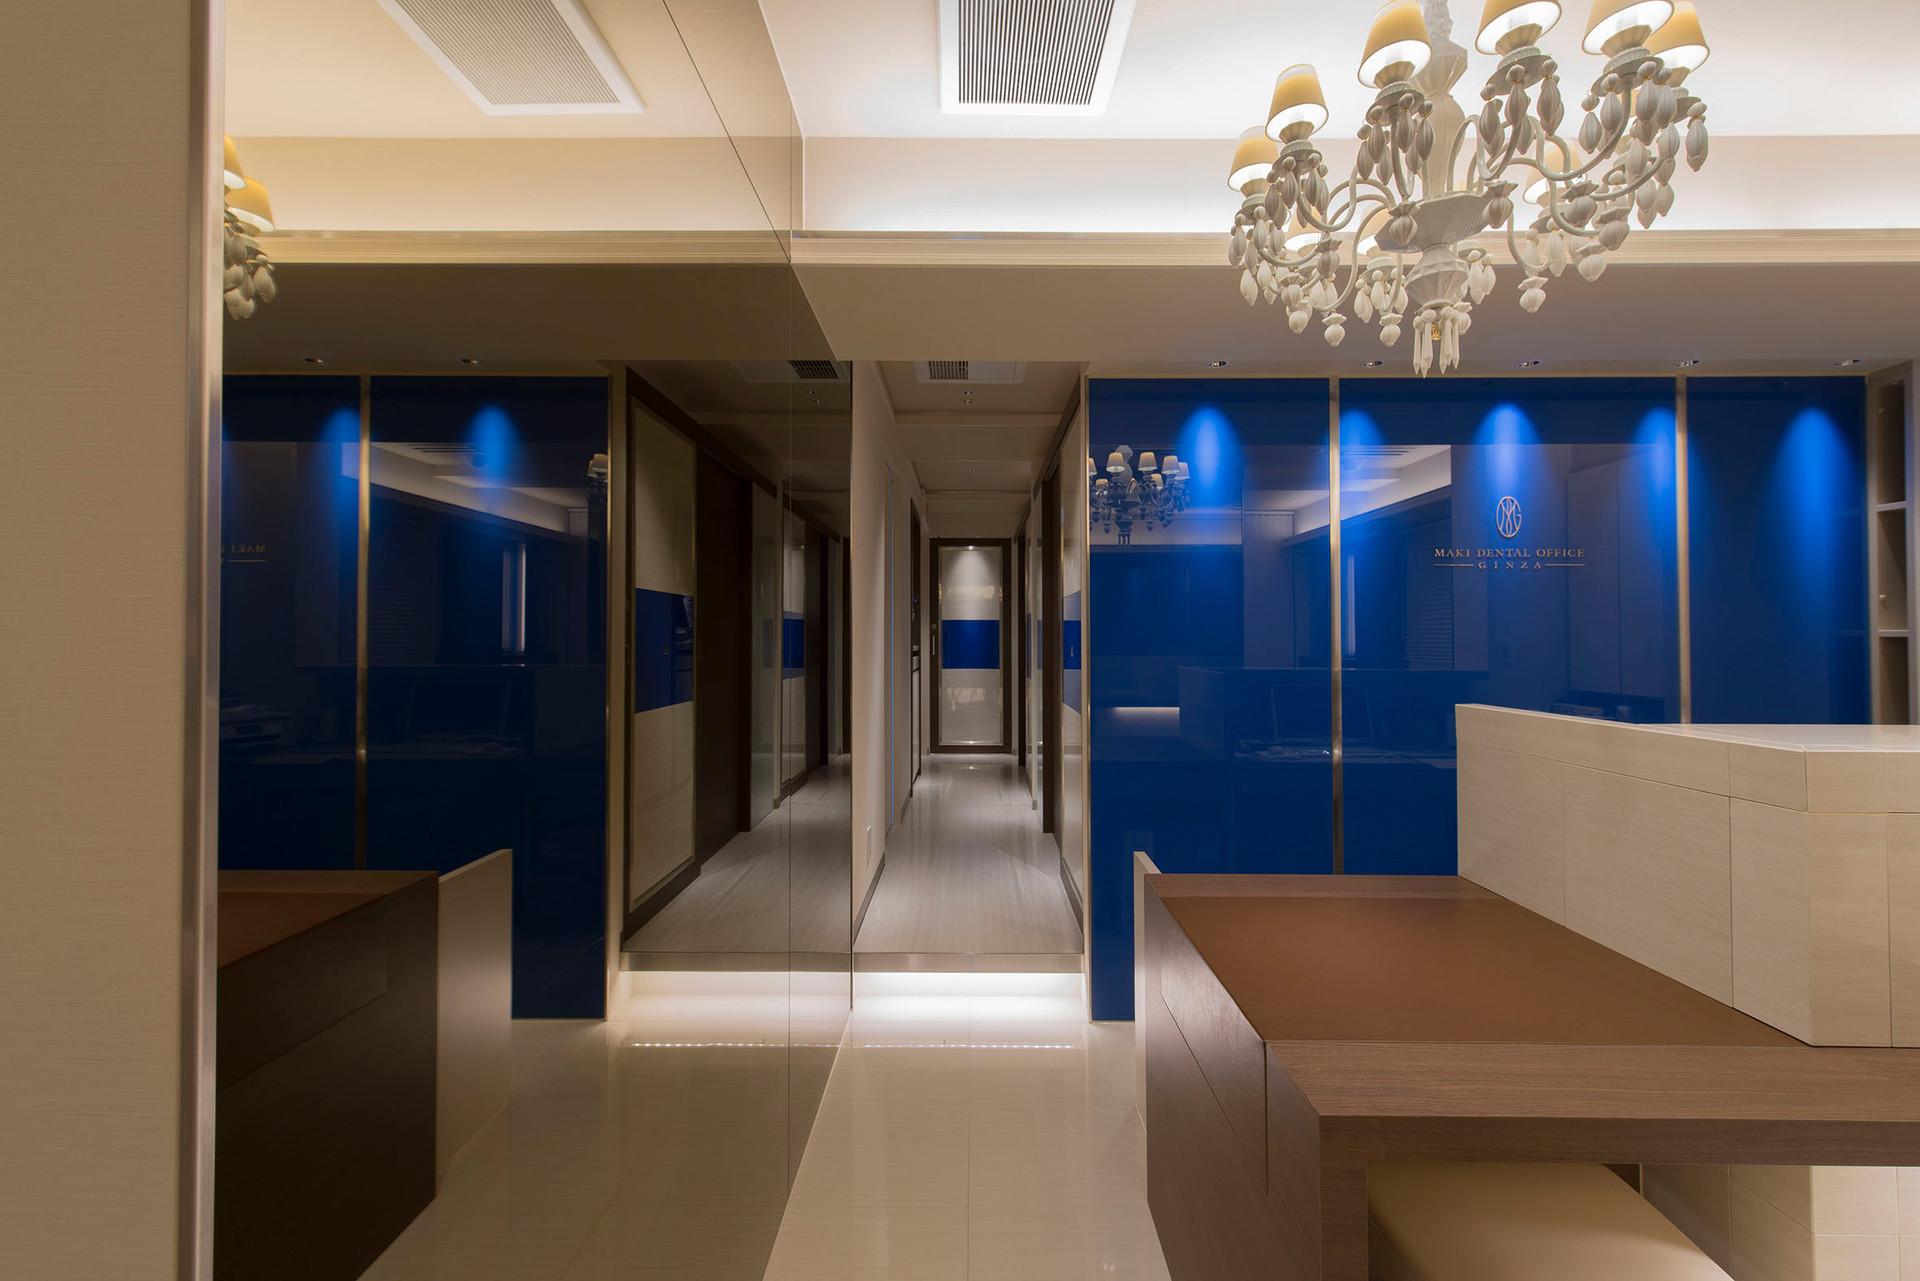 マキデンタルオフィス|エーハンドデザイン株式会社 歯科内装デザイン設計事例